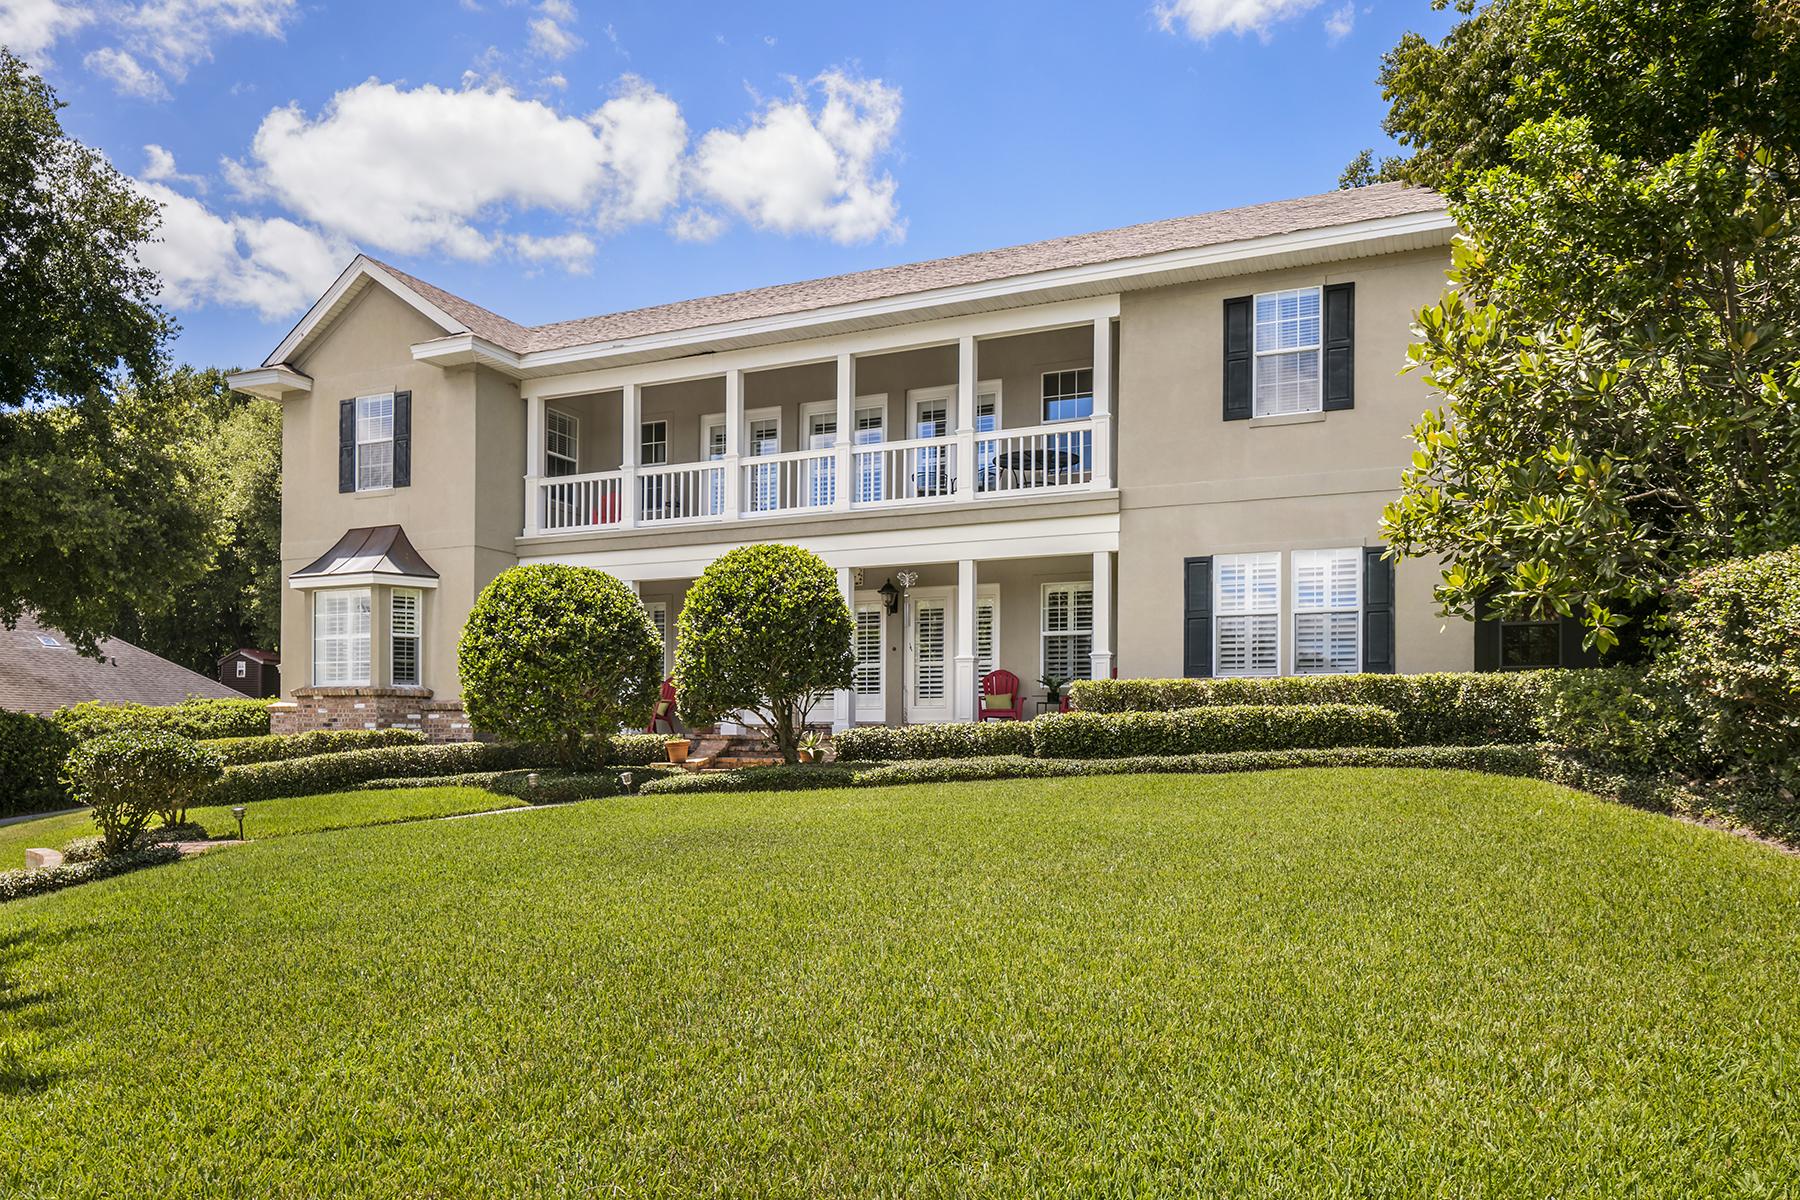 Tek Ailelik Ev için Satış at EUSTIS 1504 Fahnstock St Eustis, Florida, 32726 Amerika Birleşik Devletleri